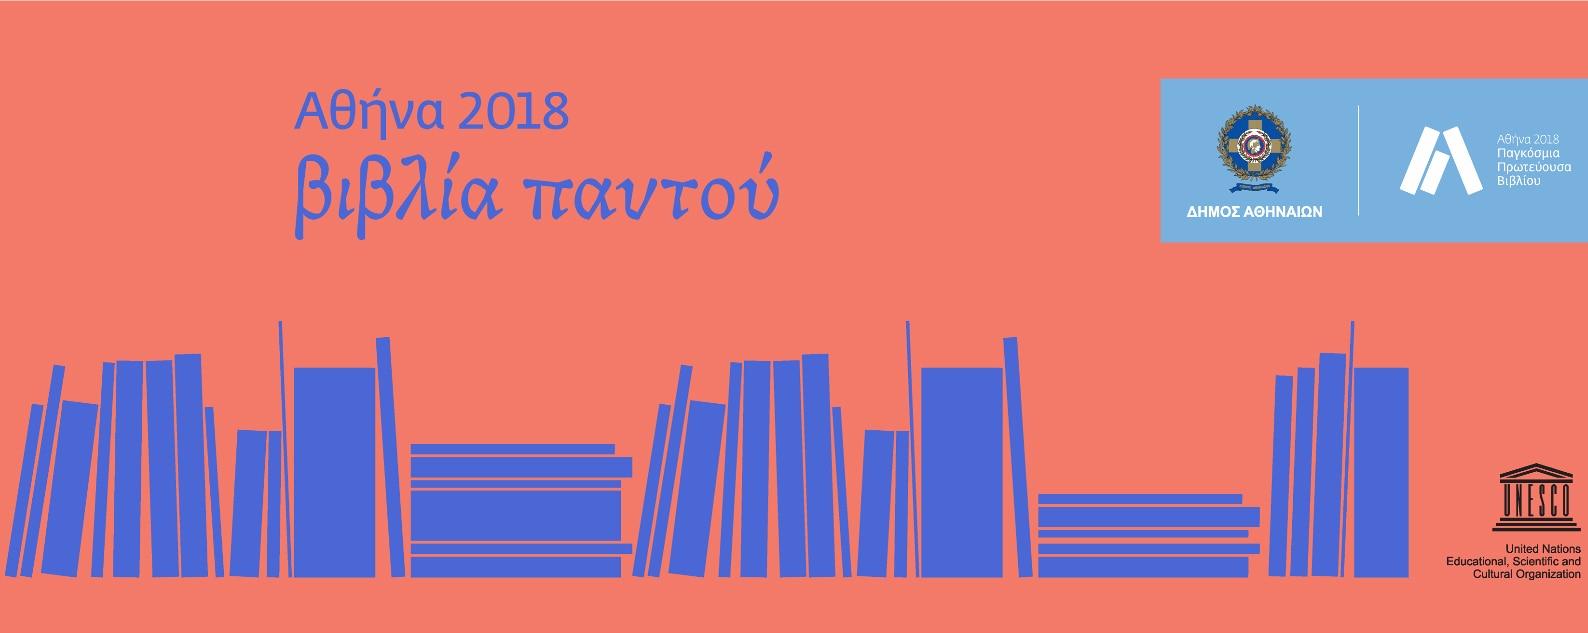 Αθήνα 2018 – Παγκόσμια Πρωτεύουσα Βιβλίου στο Public!